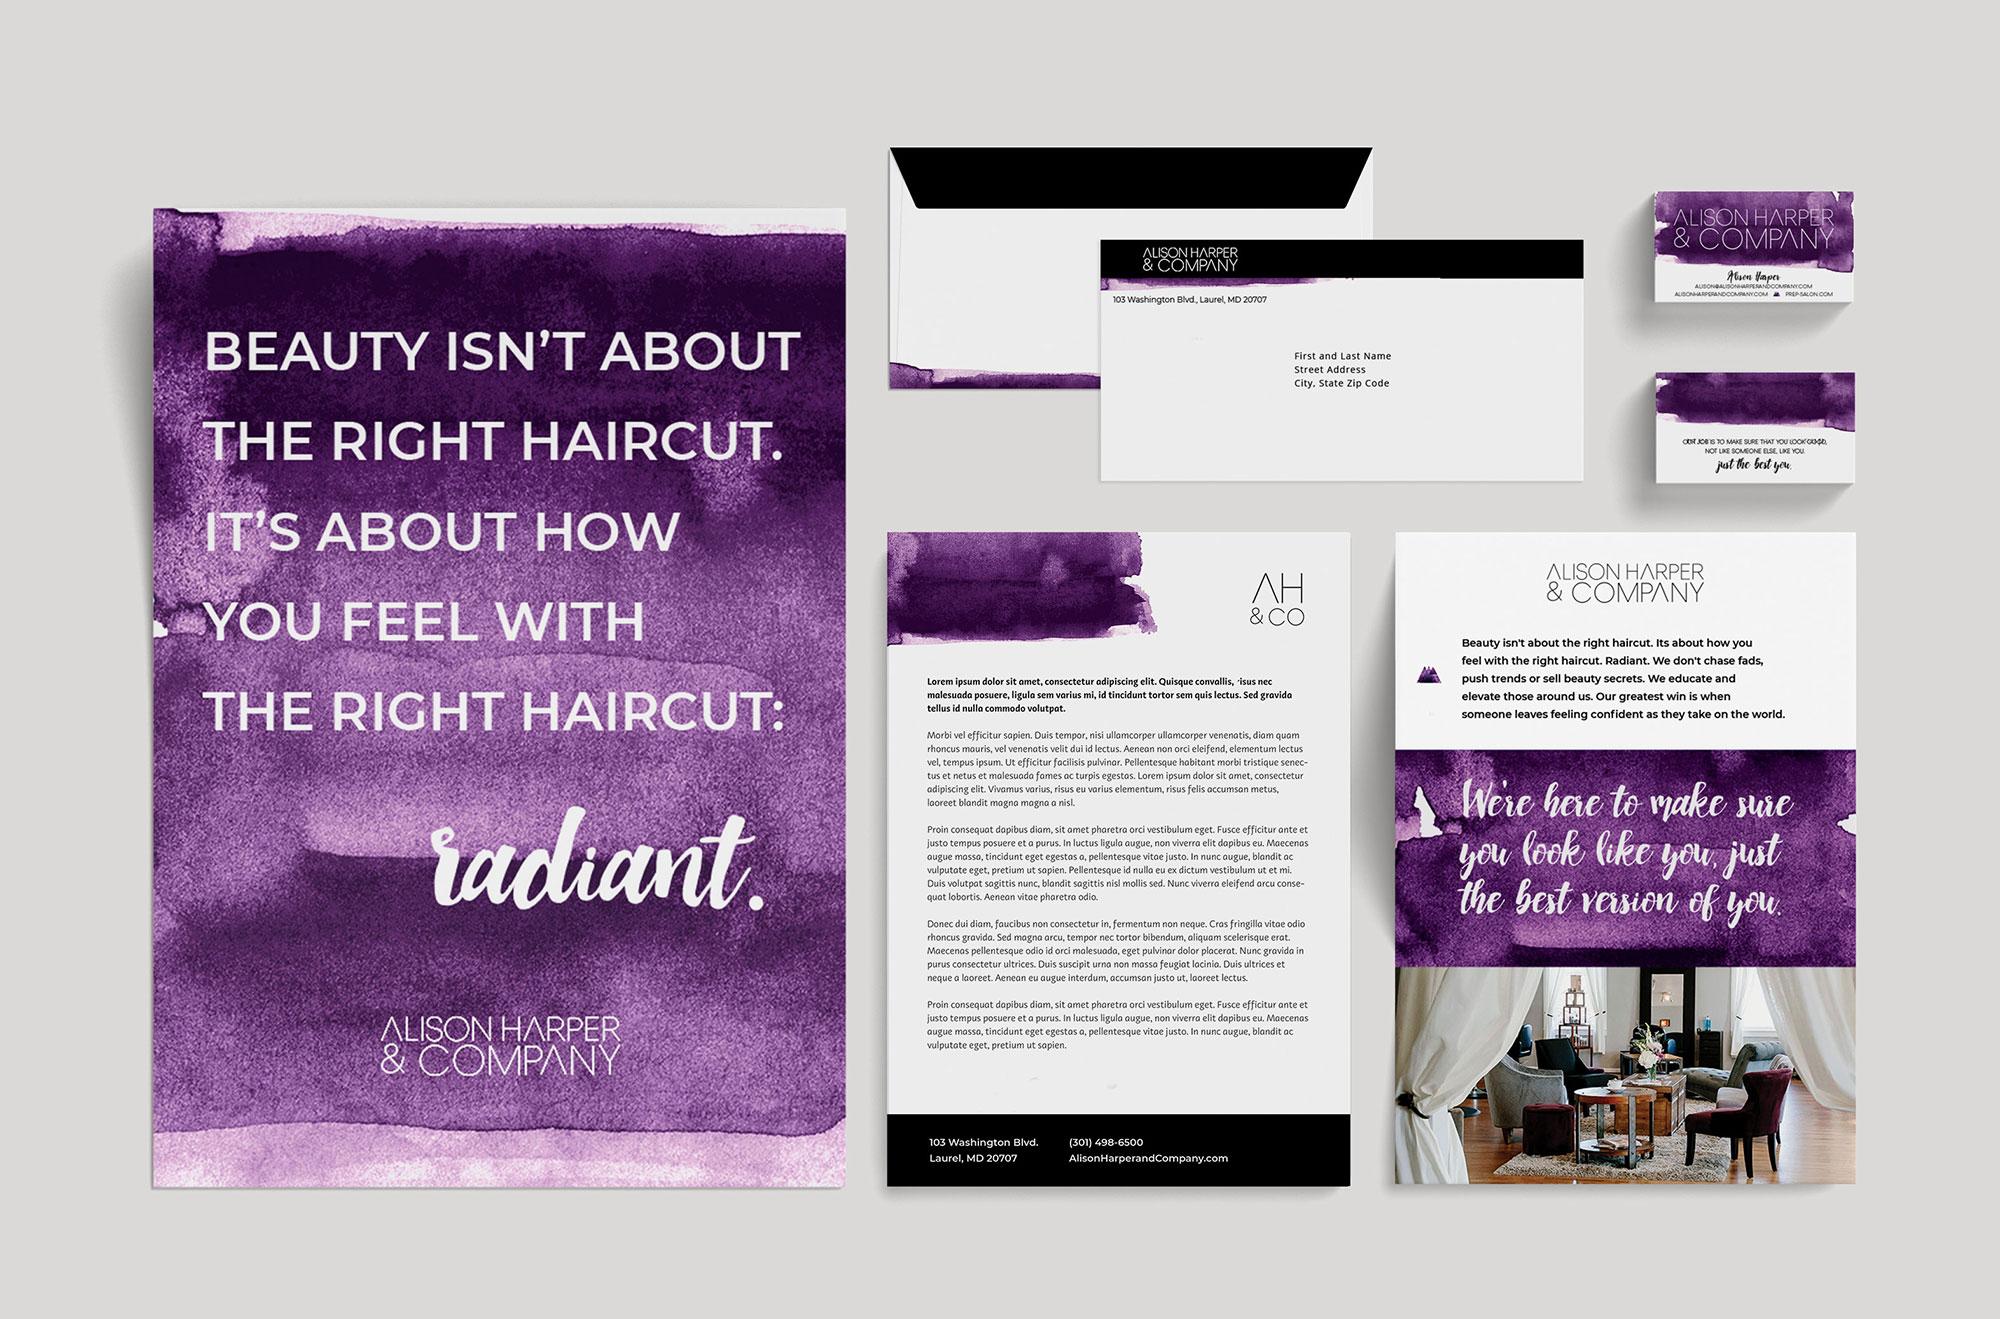 Alison Harper Co. Branding // C&V Creative